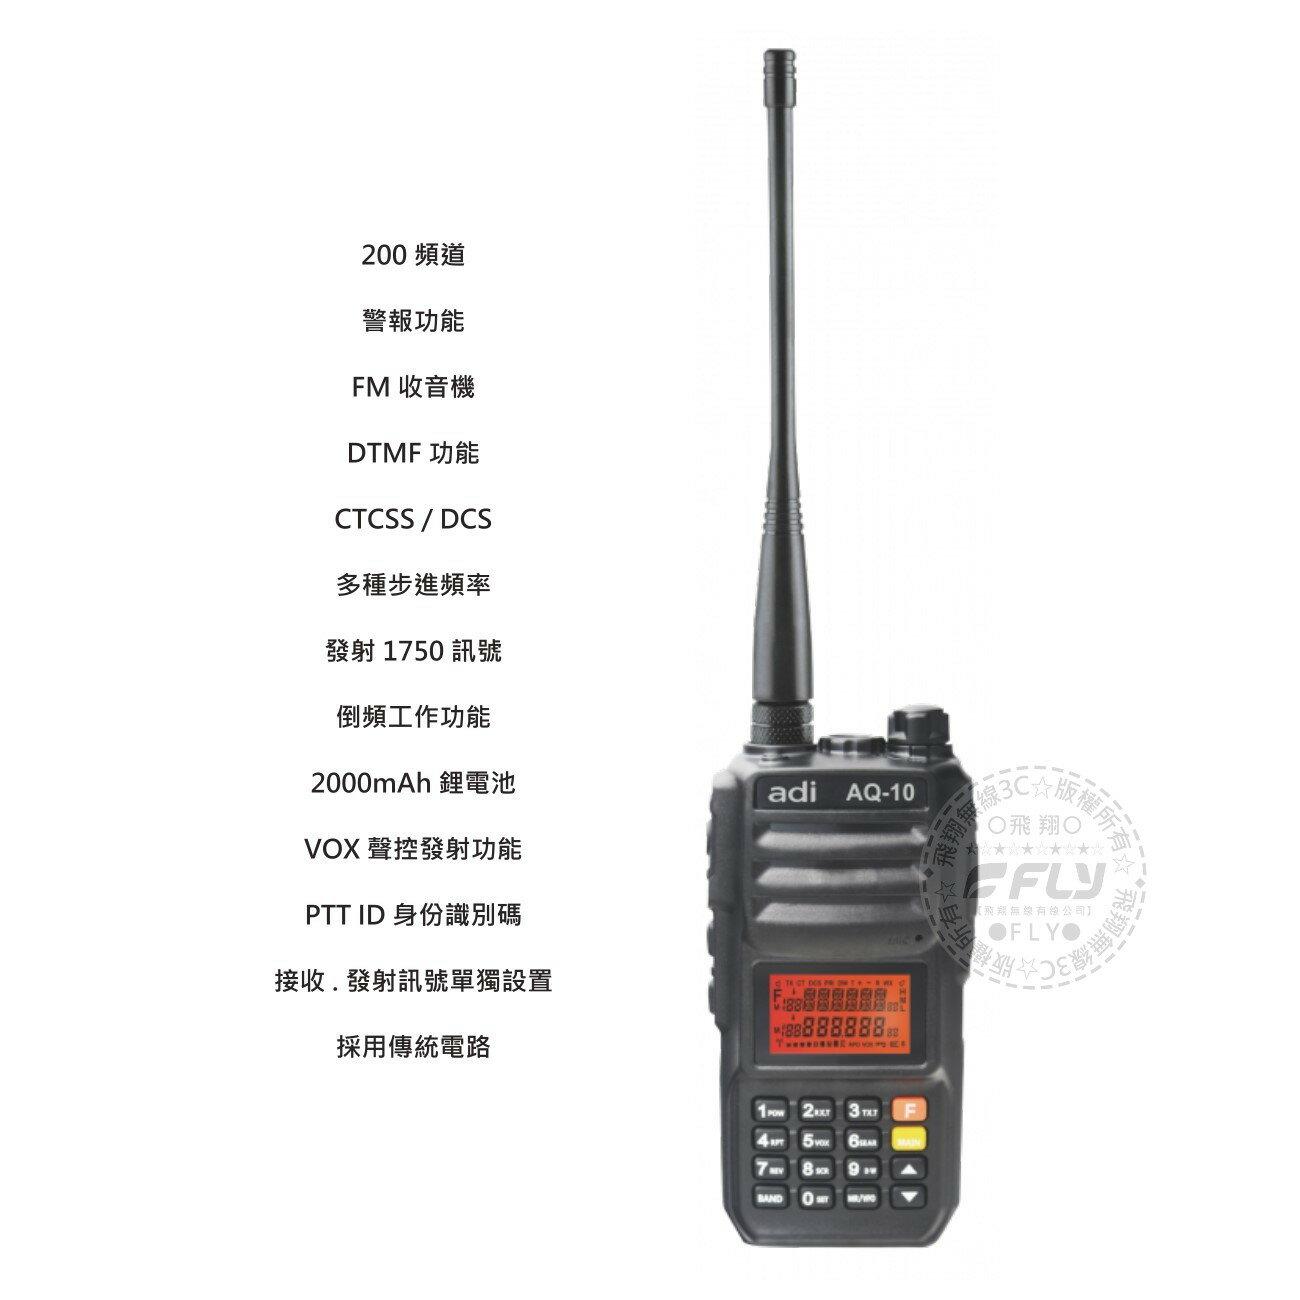 《飛翔無線3C》ADI AQ-10 無線電 雙頻手持式對講機│公司貨│10W大功率 雙顯示 跟車通話 登山露營